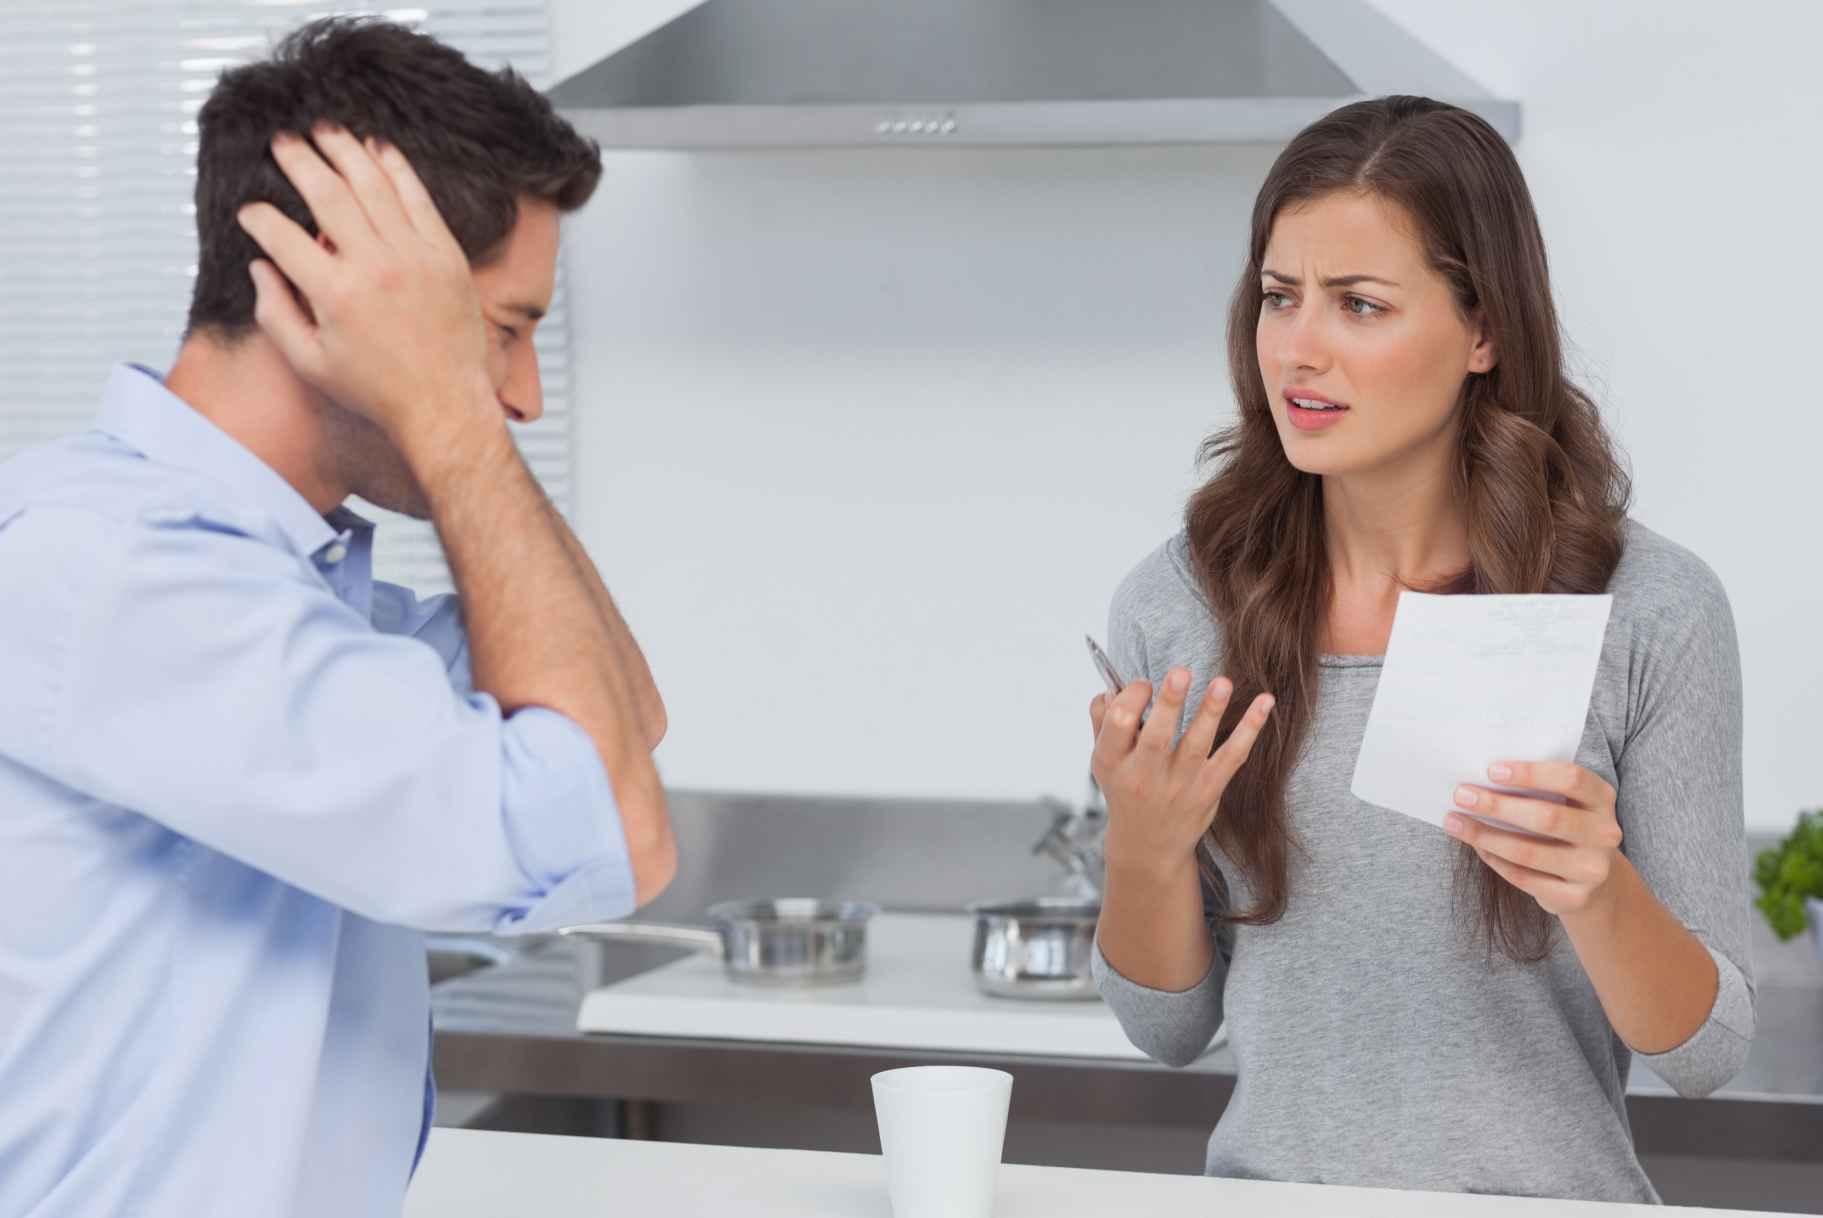 چگونگی رفتار با همسر تنبل